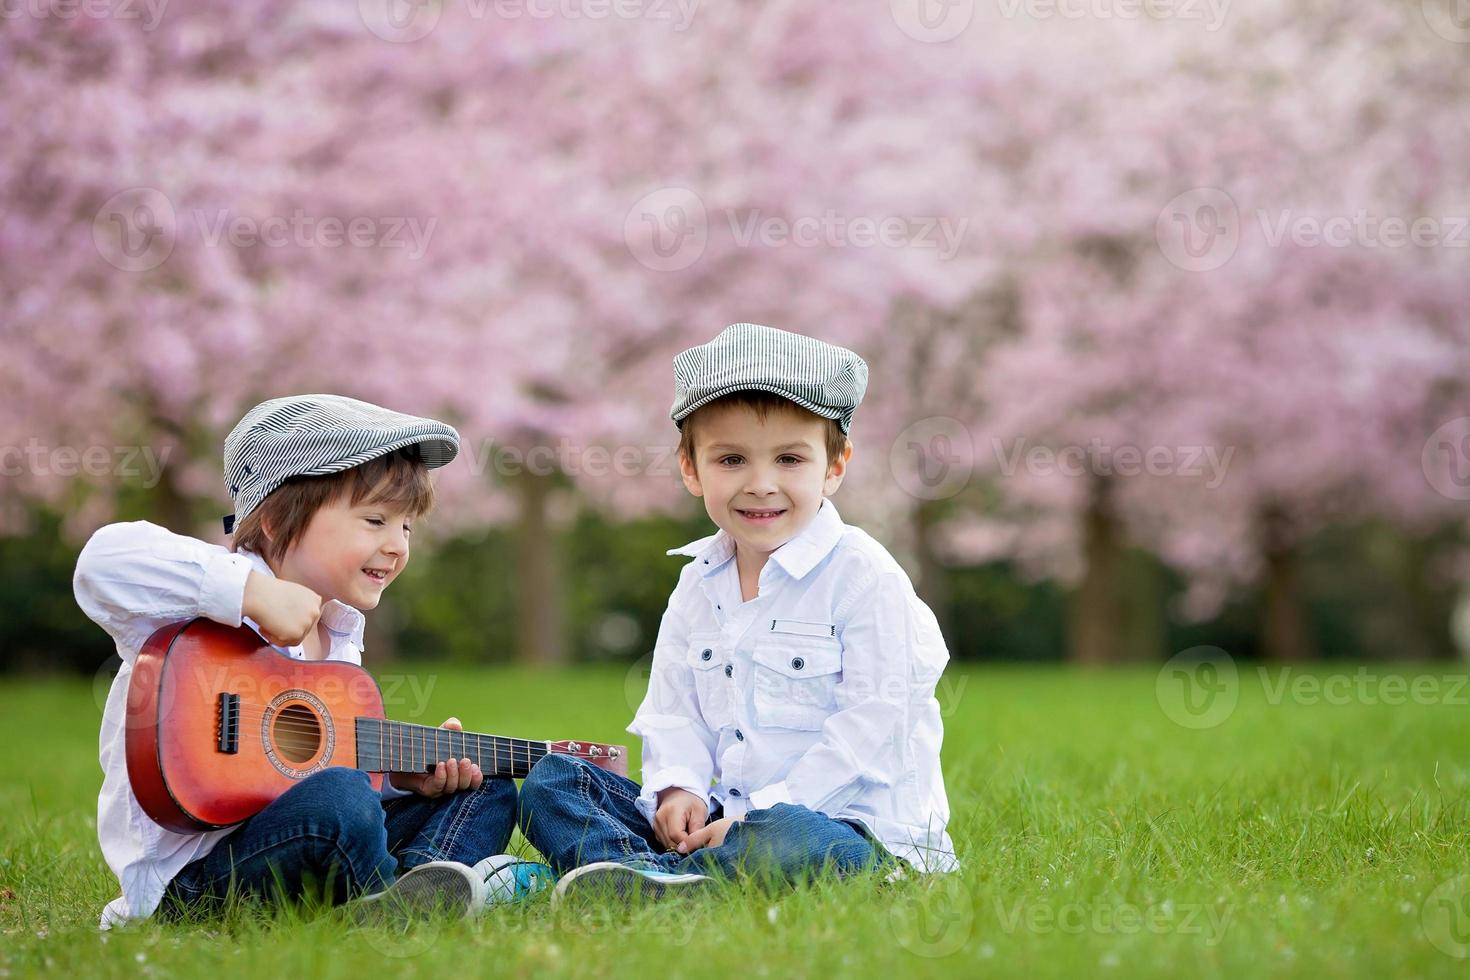 Deux adorables garçons de race blanche dans un jardin de cerisiers en fleurs photo